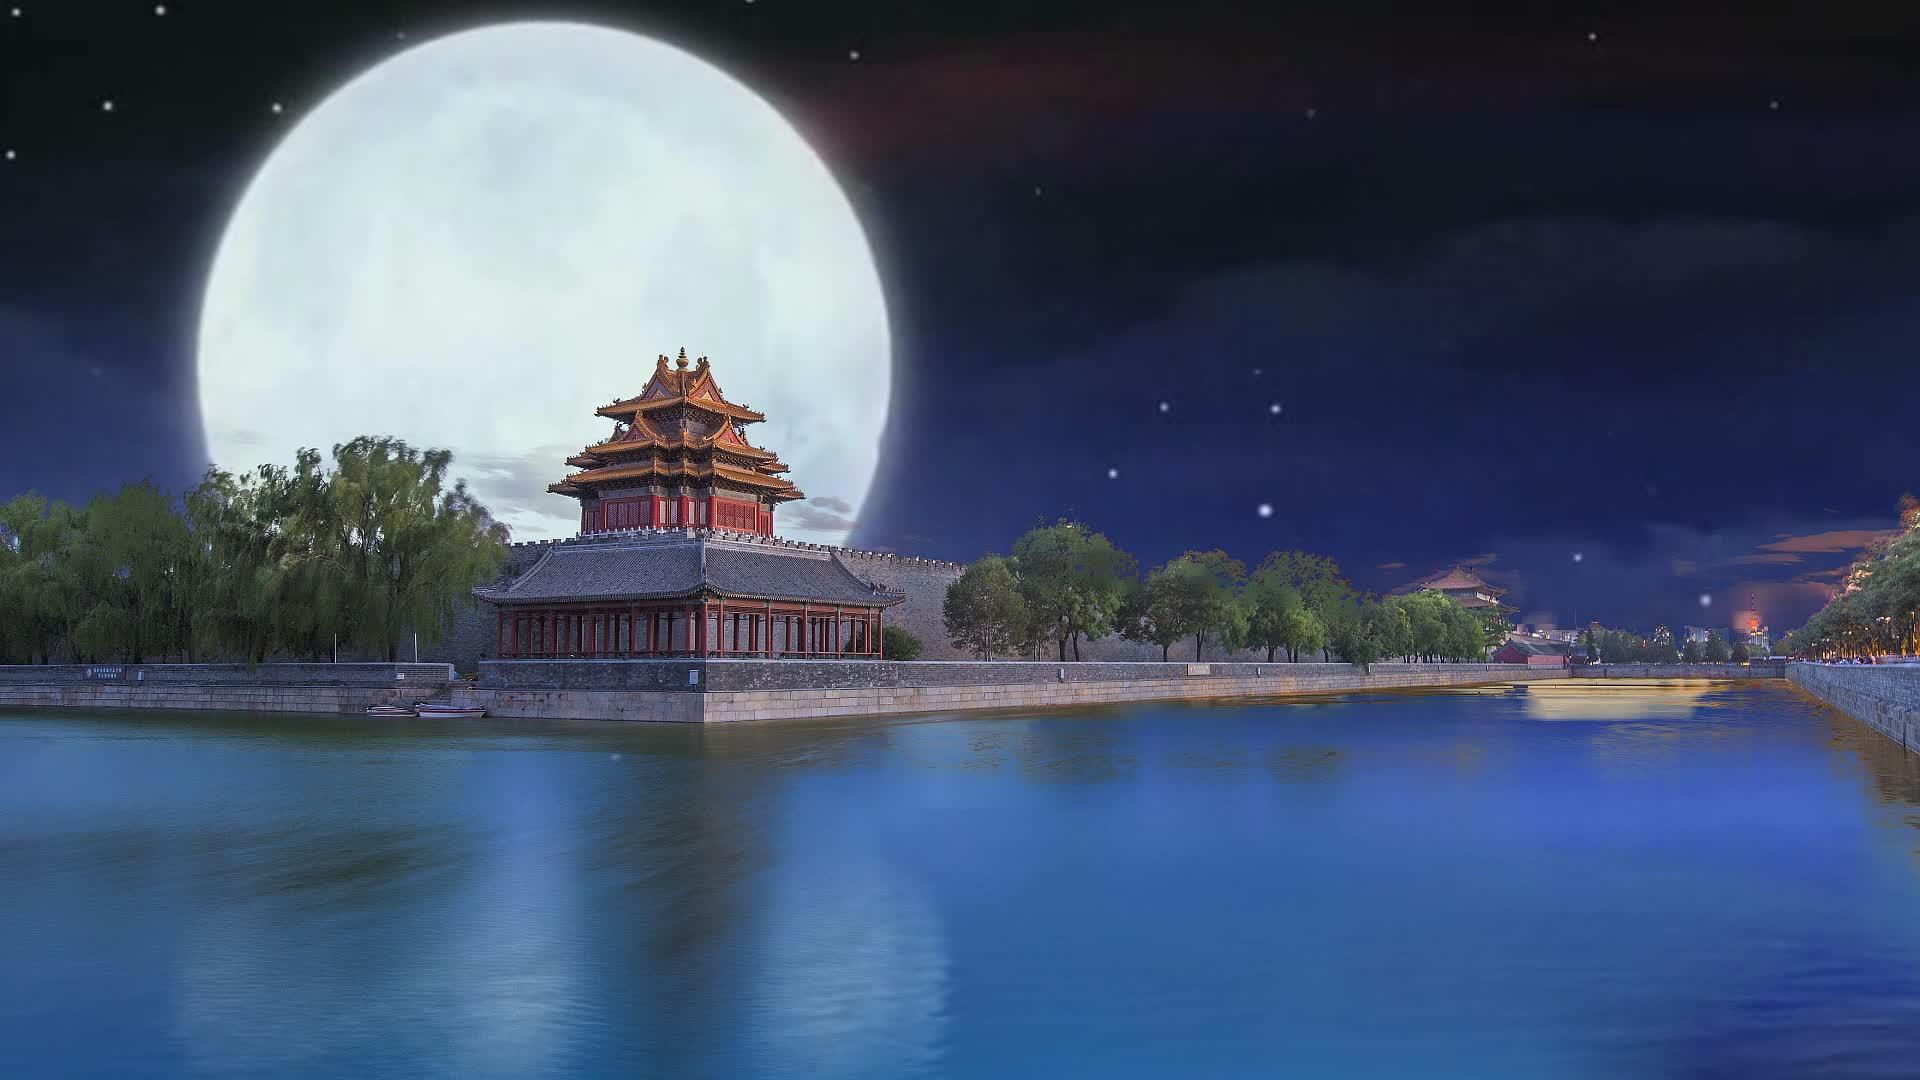 素材 月色下的紫禁城